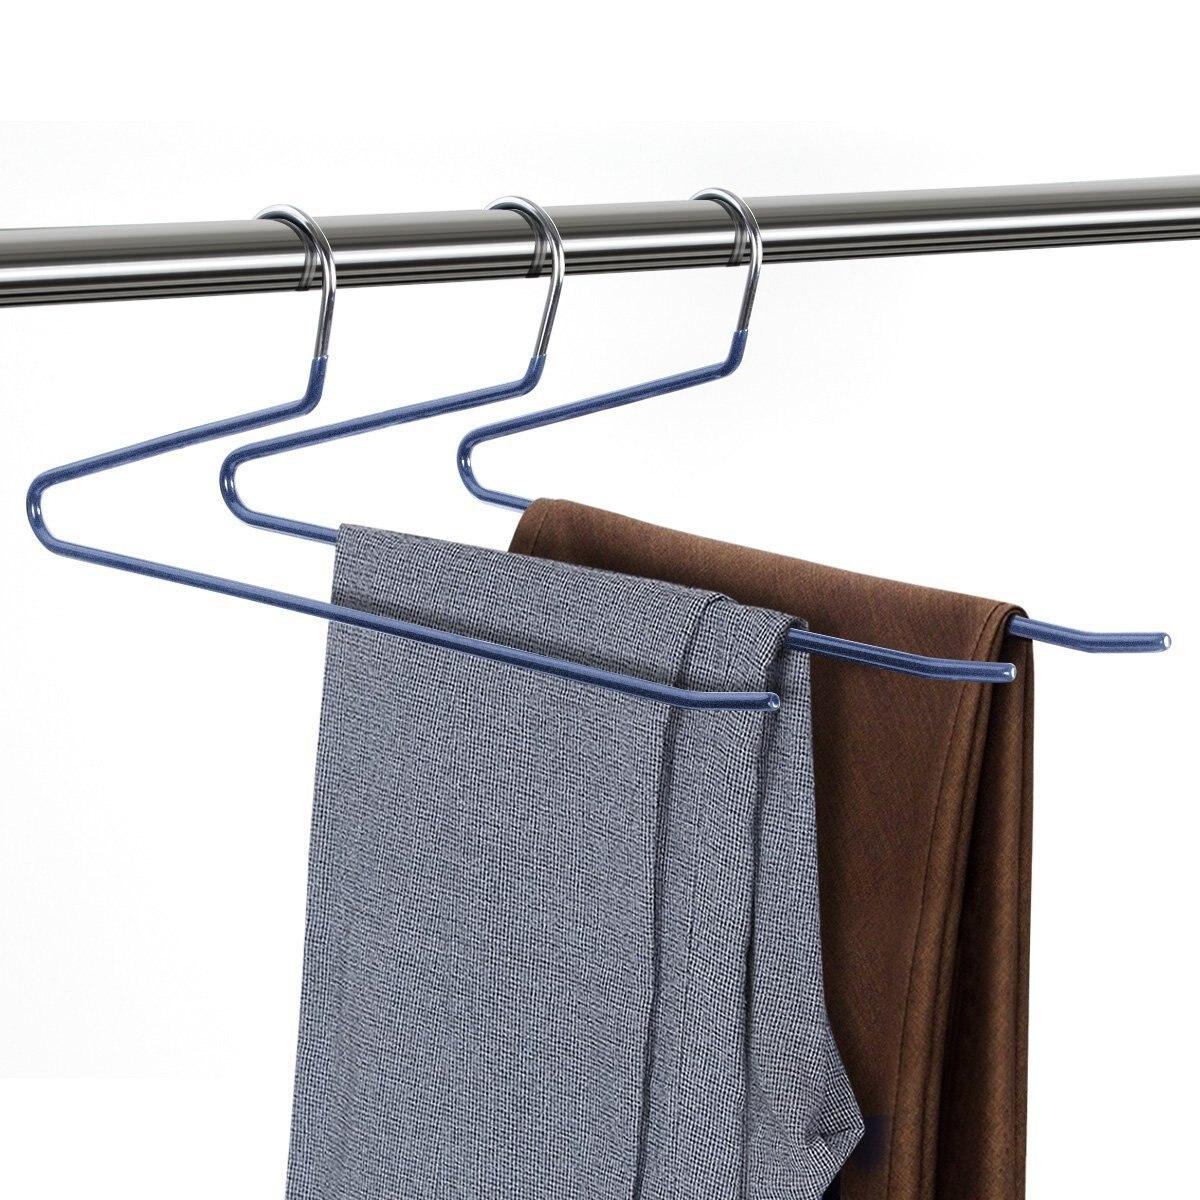 1 шт. Нескользящие брюк Вешалки стойки S Тип Multi-Слои металла Брюки для девочек брюк шкаф Мокрый сухой вешалка для сушки сохранить организато... ...